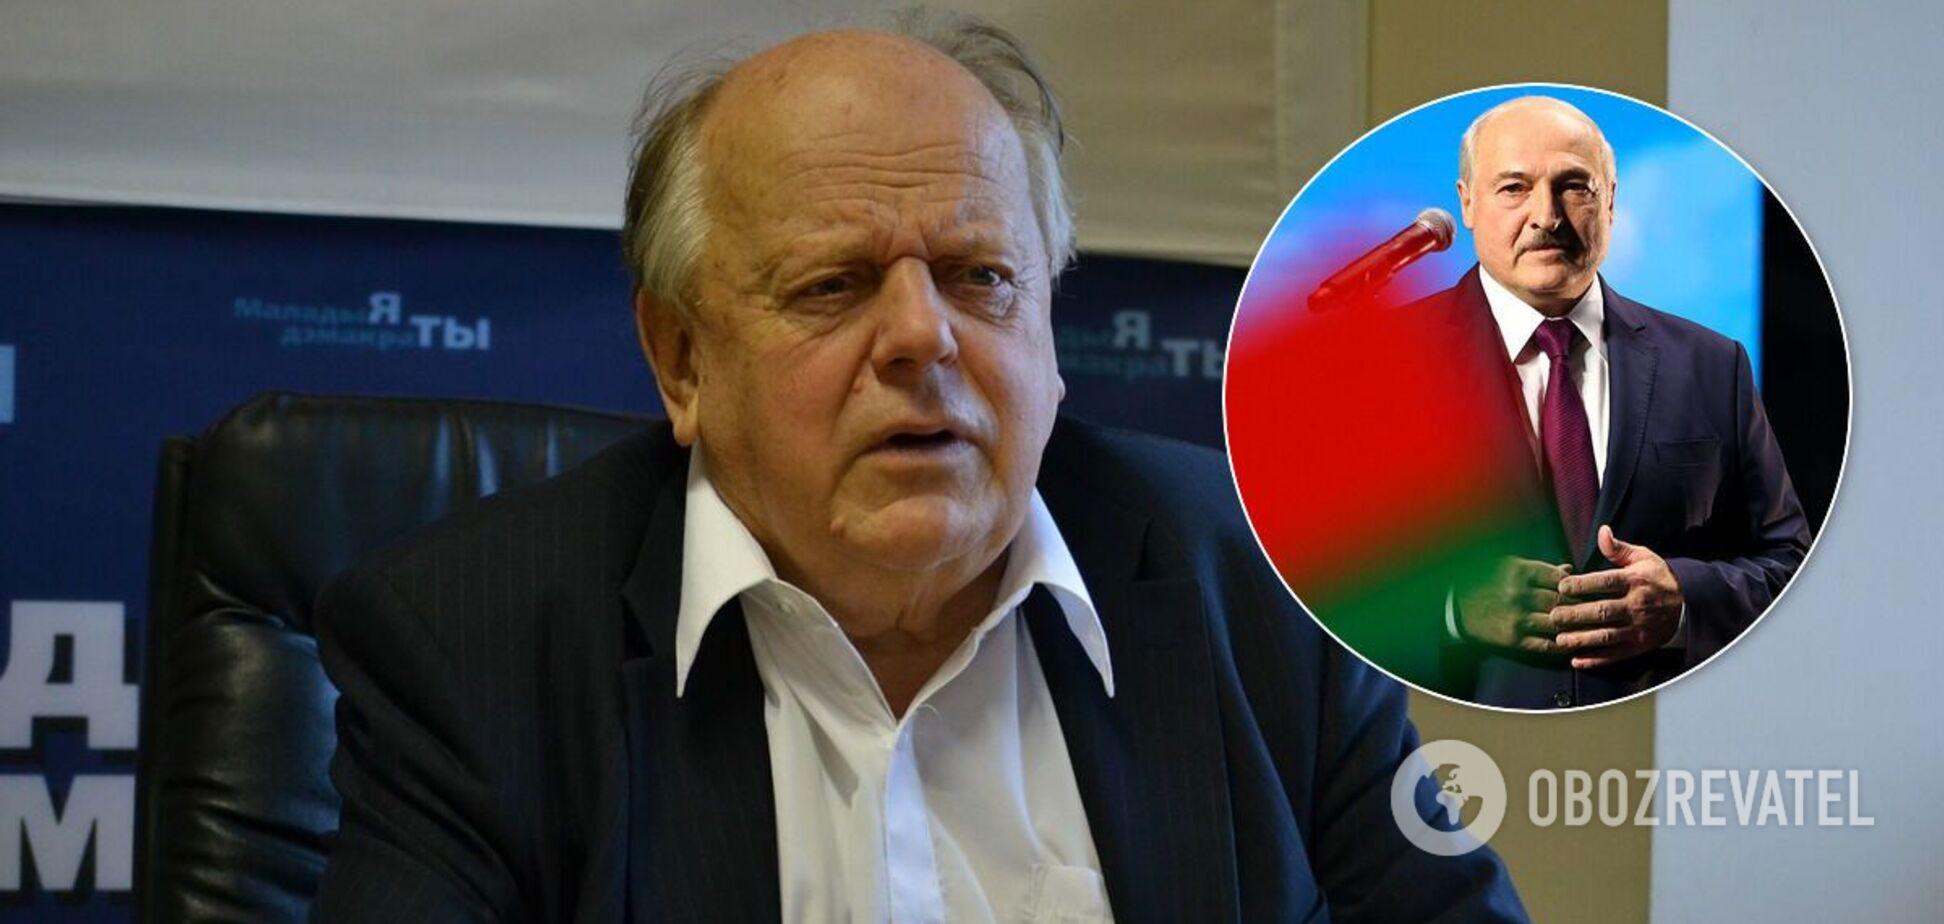 Шушкевич прокомментировал решение Лукашенко о границе